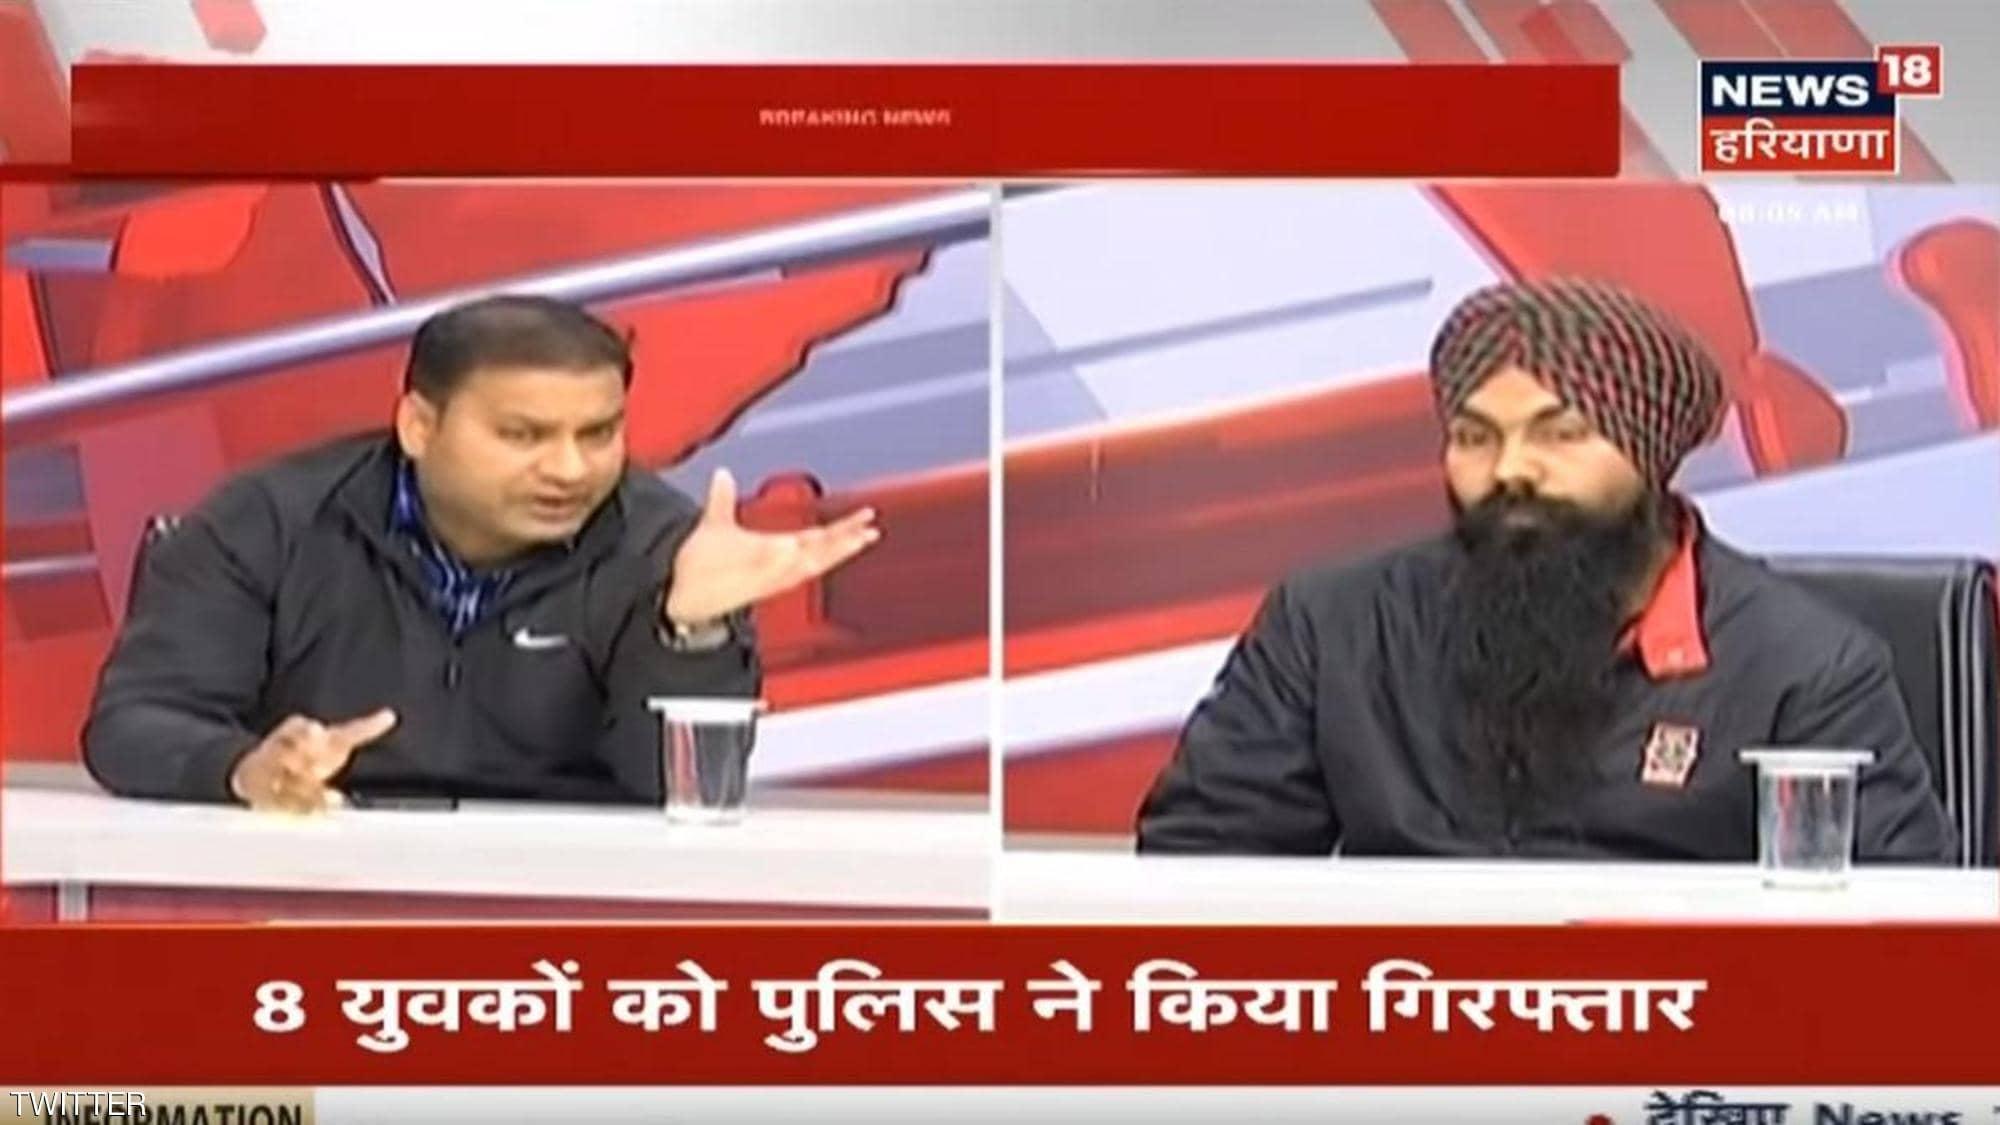 شاب هندى يعترف بتفاصيل جريمته أمام الجمهور